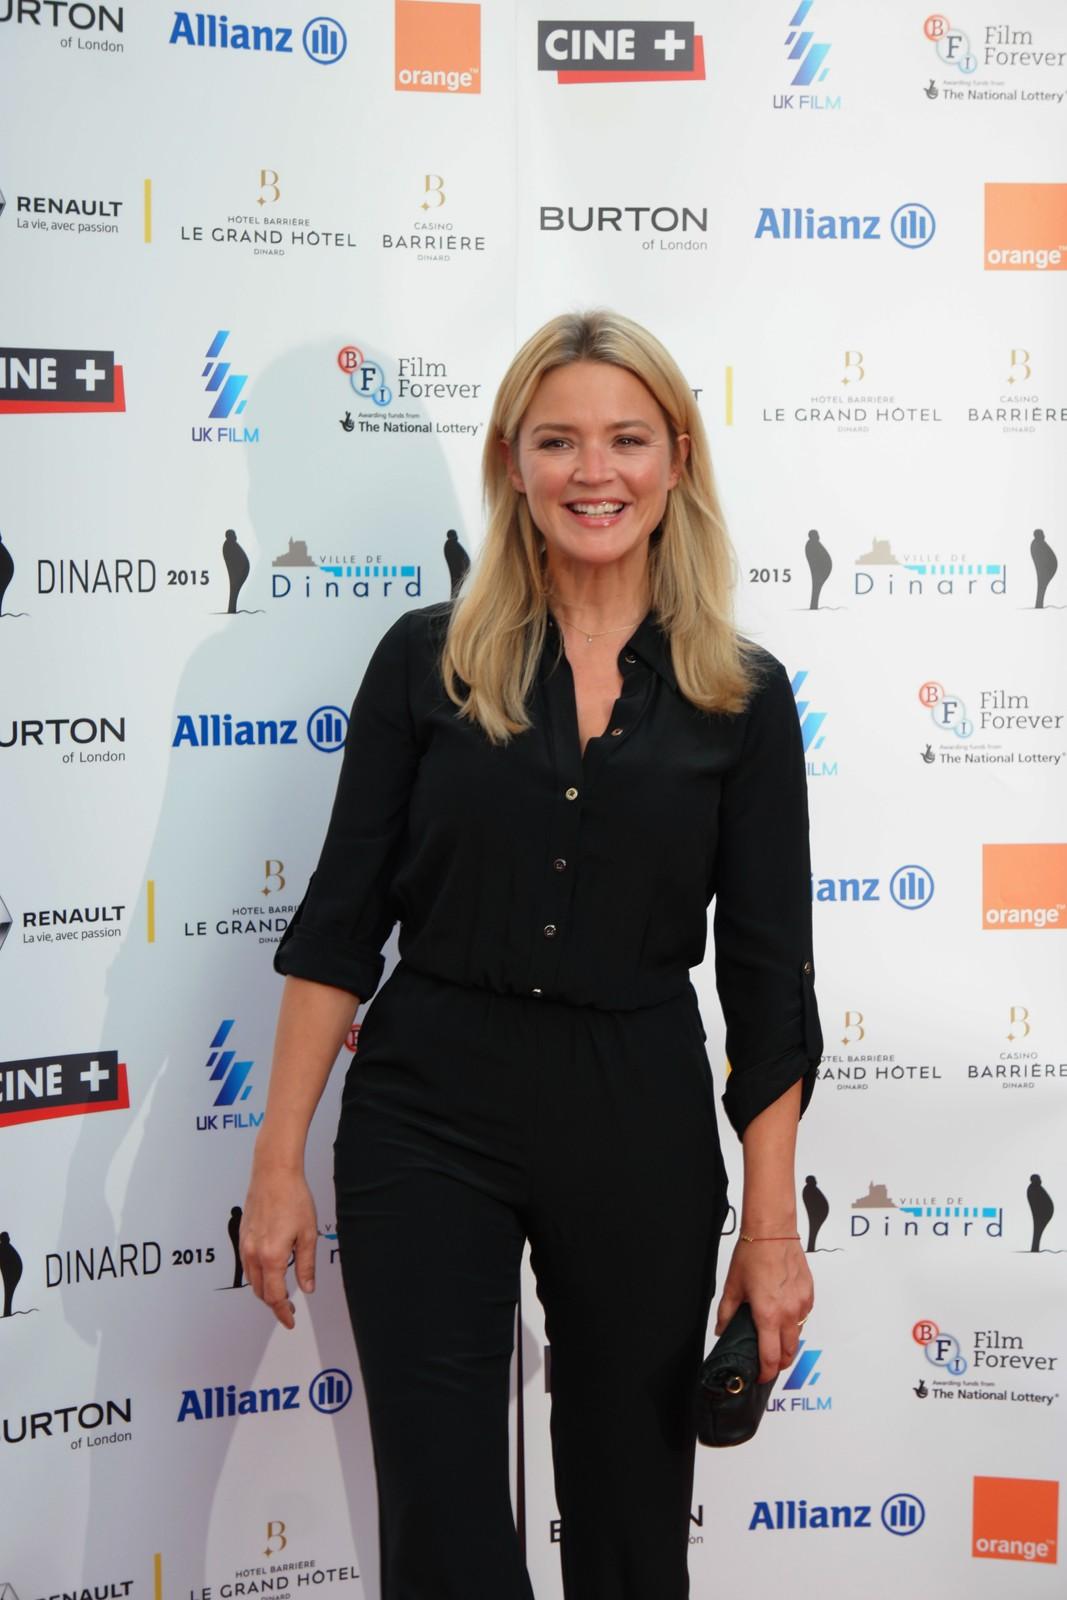 Virginie Efira jurée très attendue du festival du film Britannique de Dinard 2015 tapis rouge soirée de clôture photo by usofparis